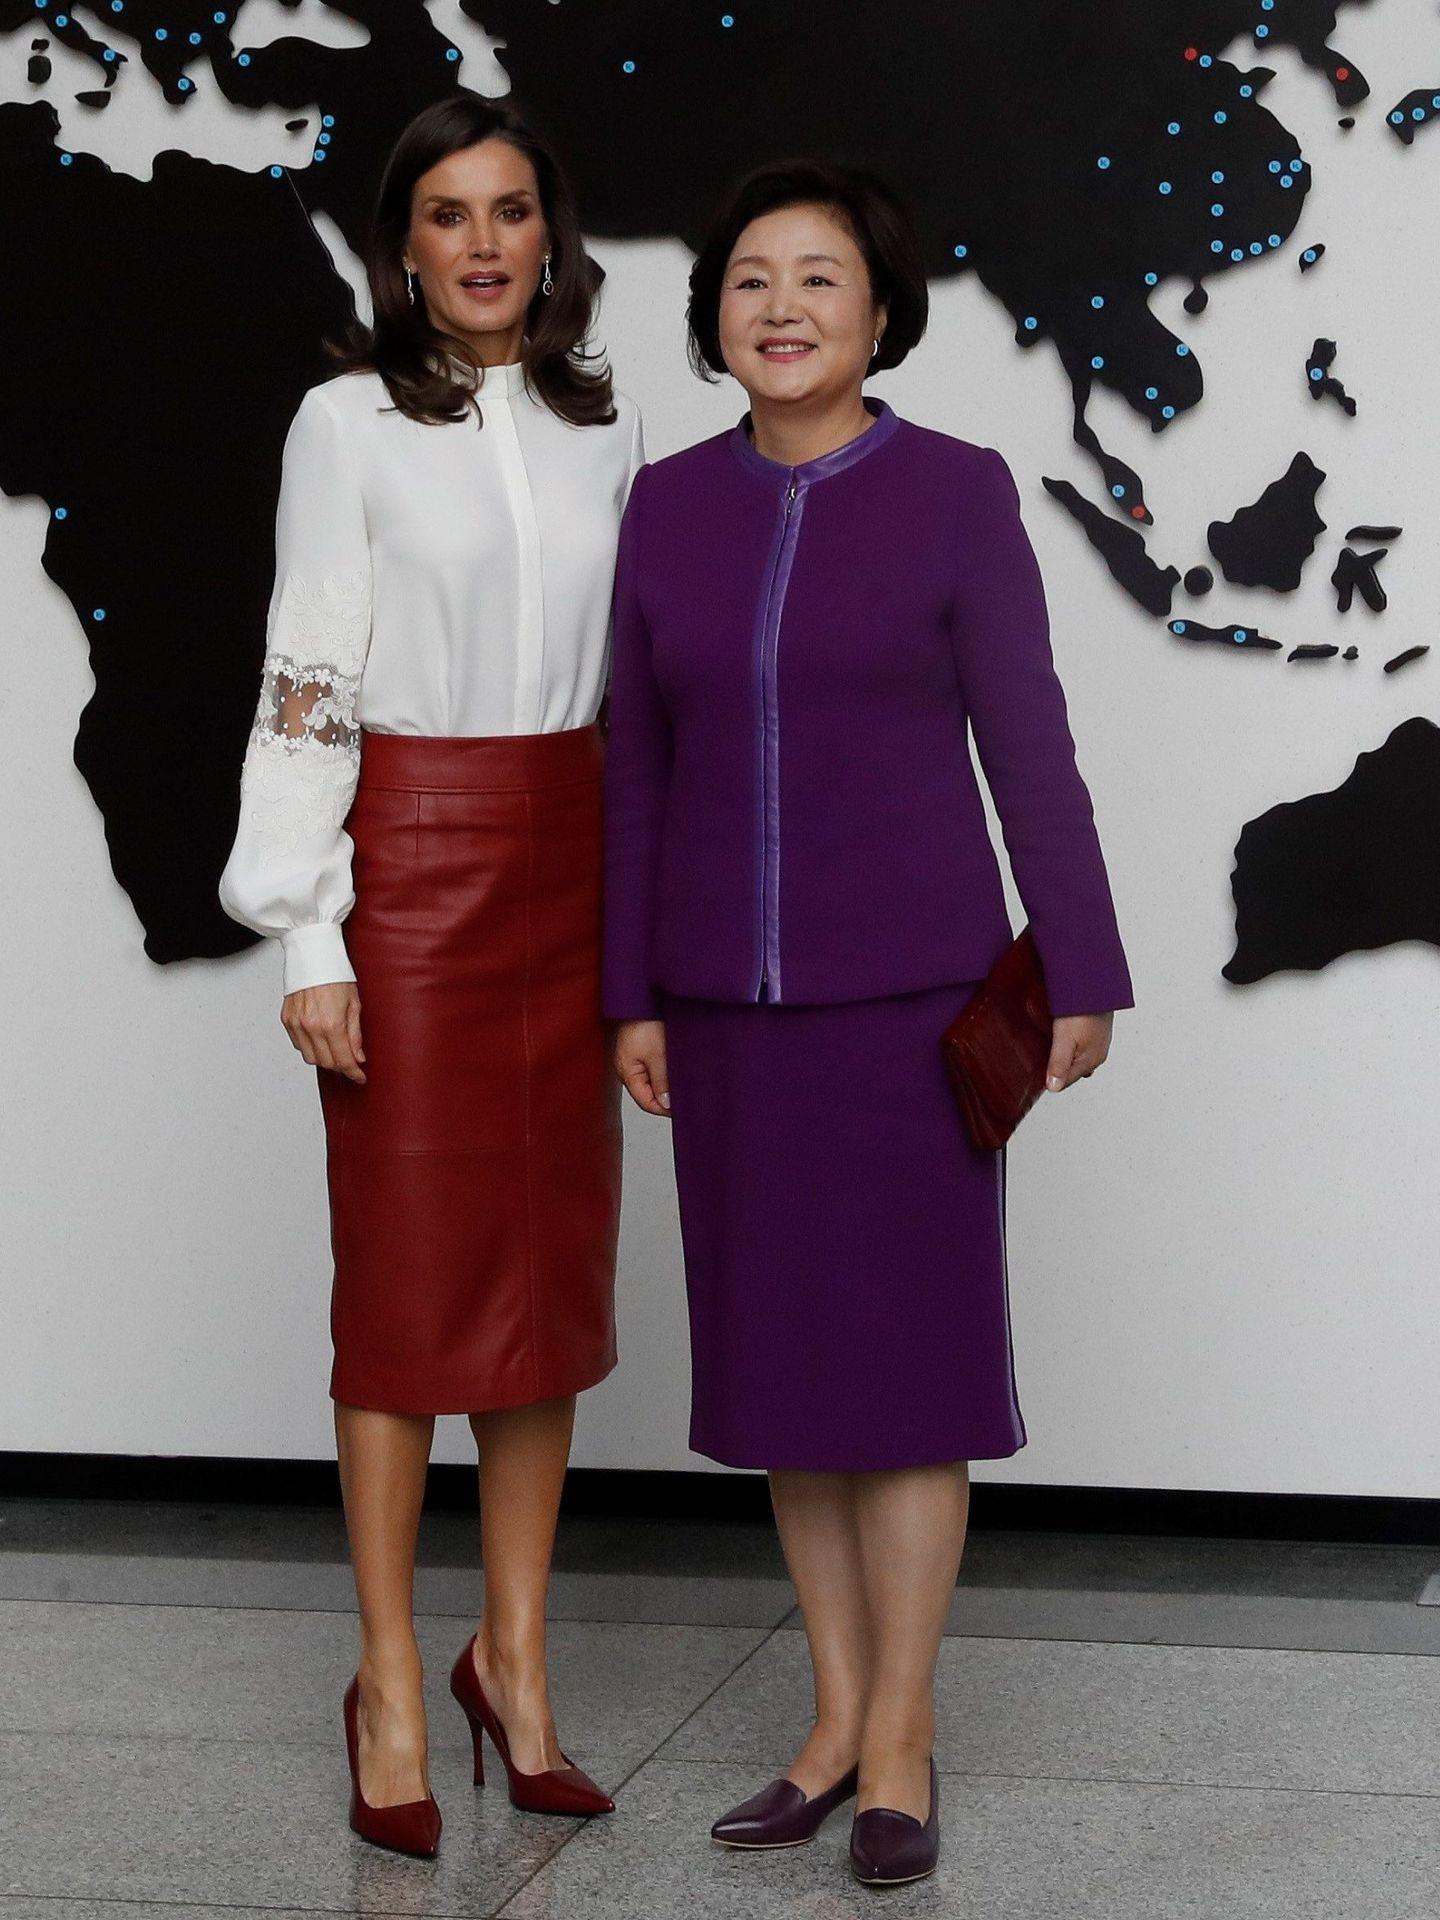 La Reina con la primera dama. (Efe)